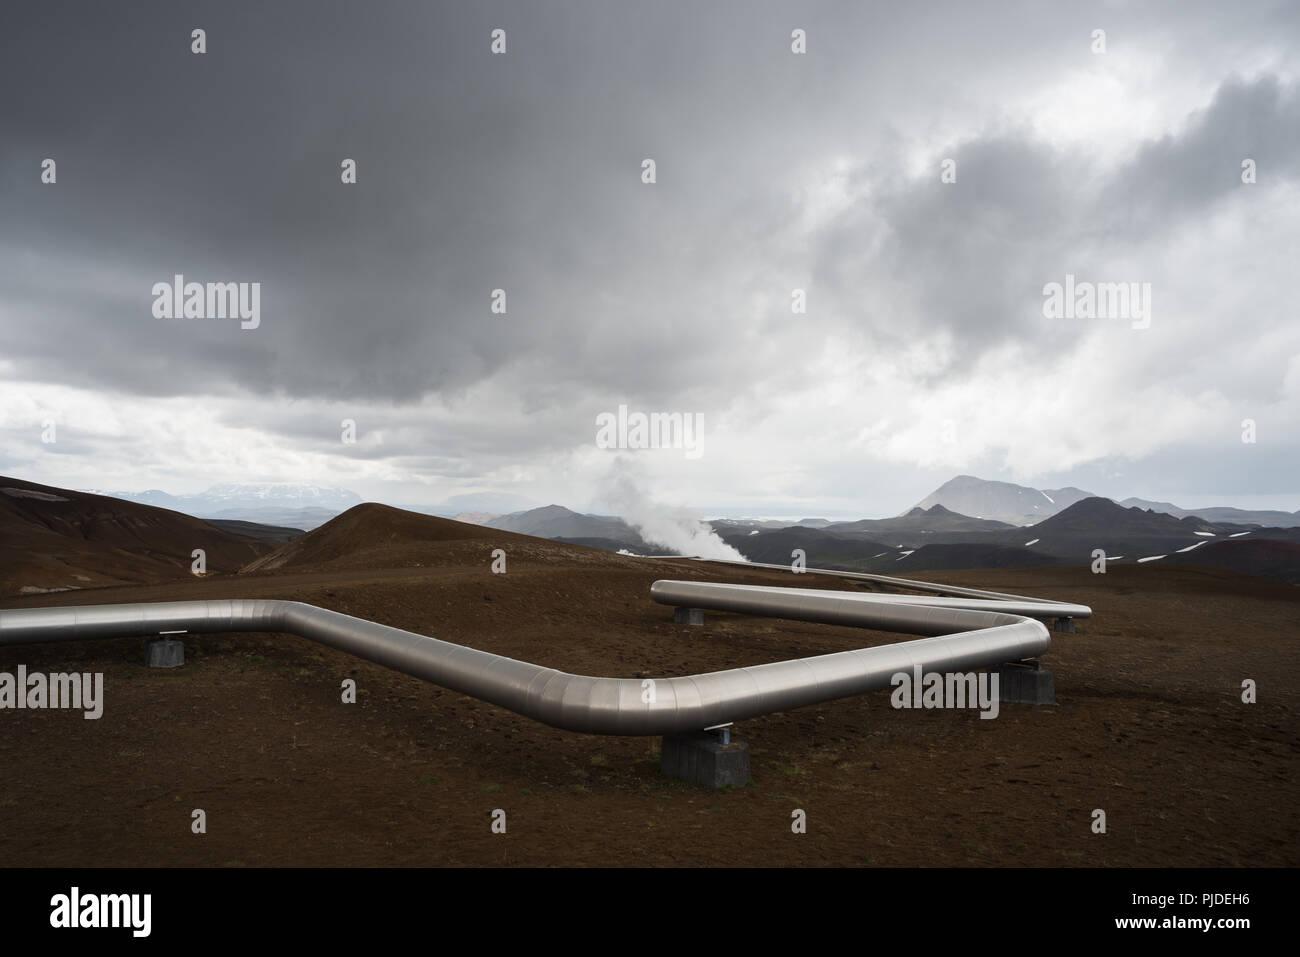 Canalización de energía geotérmica renovable. Fuente natural de calor y electricidad. Estación de vapor en Islandia Imagen De Stock